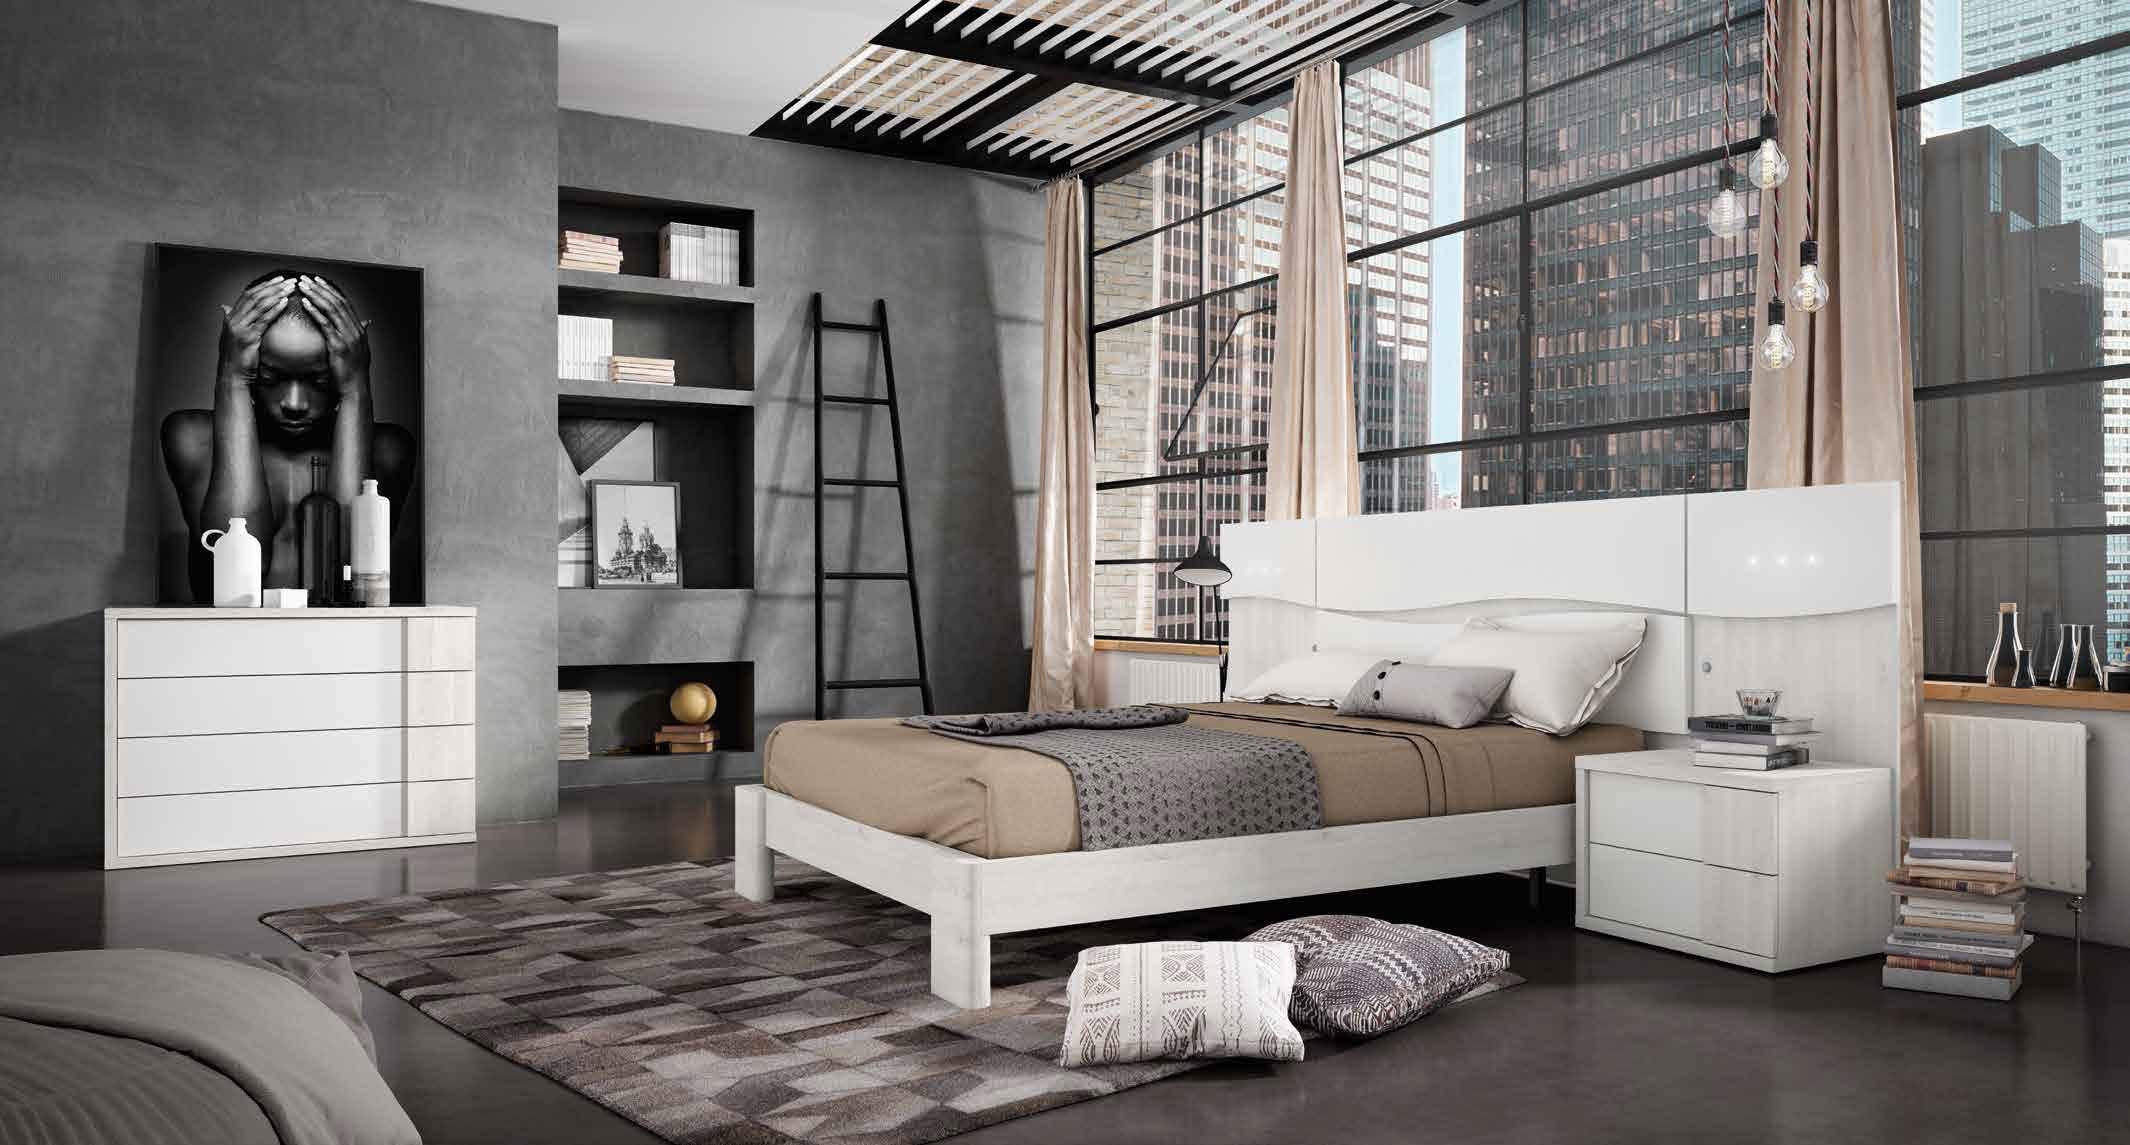 creta-dormitorio-hebe-27